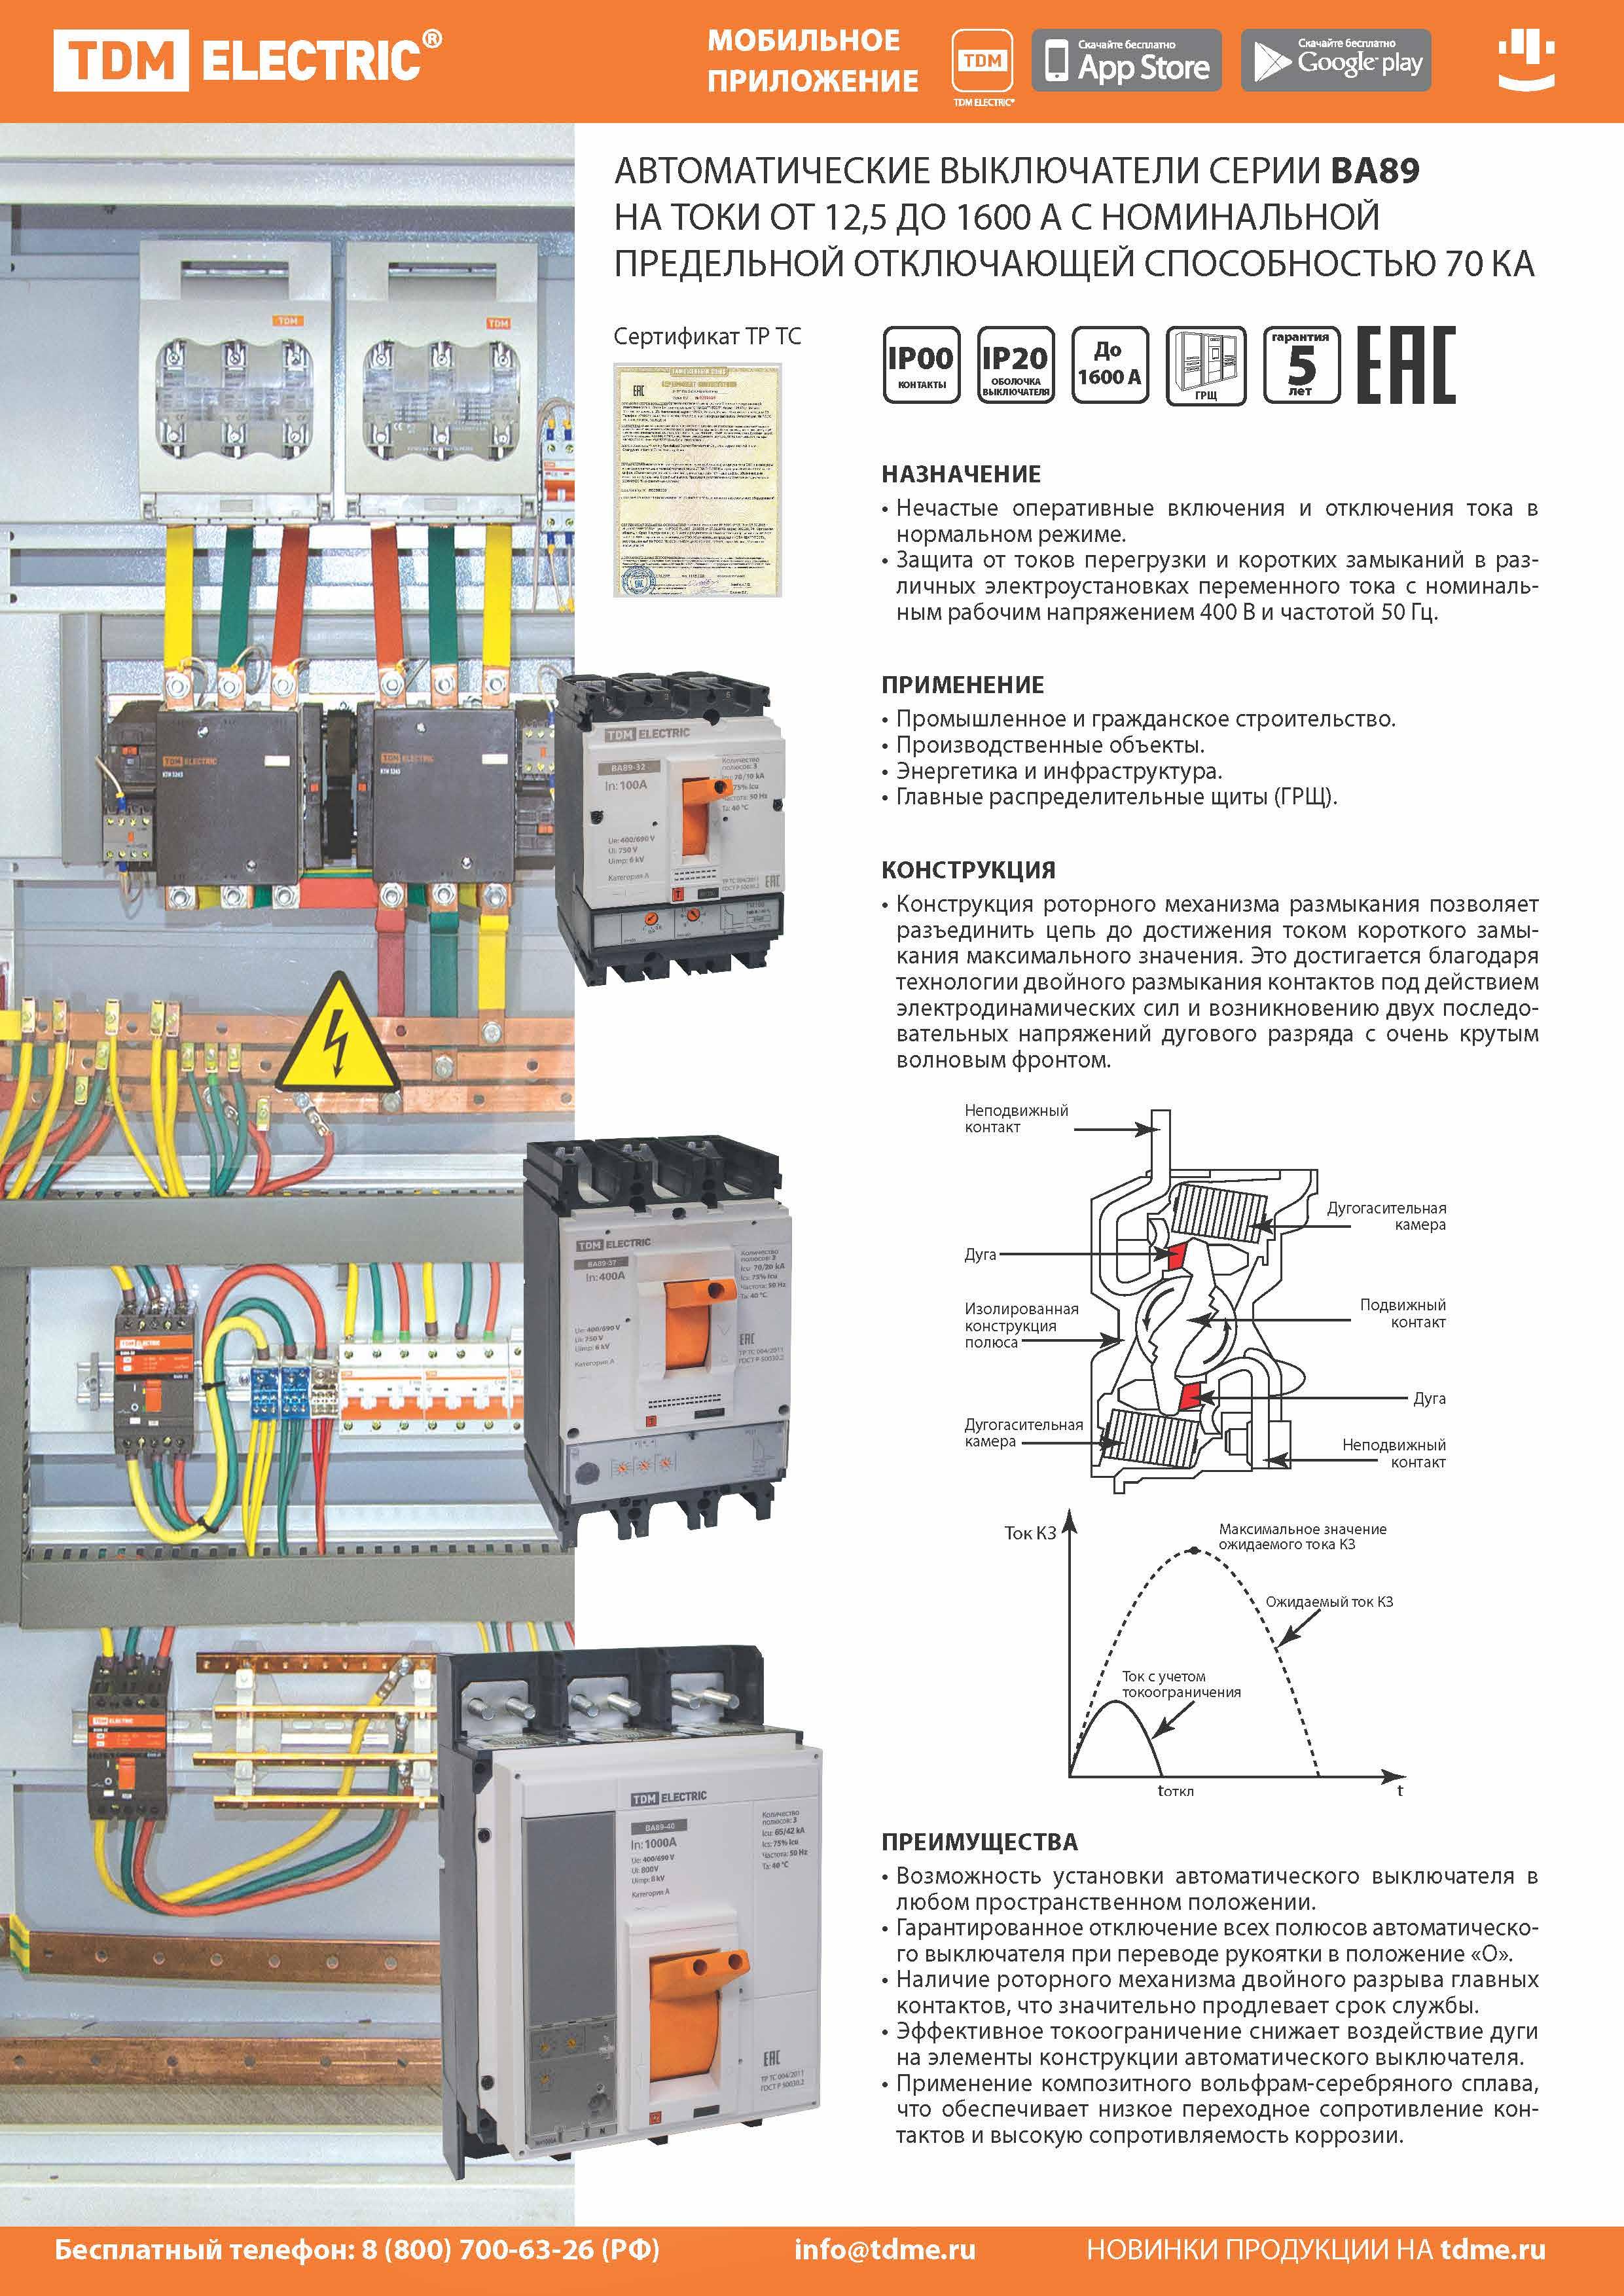 Автоматический выключатель ВА89-32 3Р 100А 70кА TDM